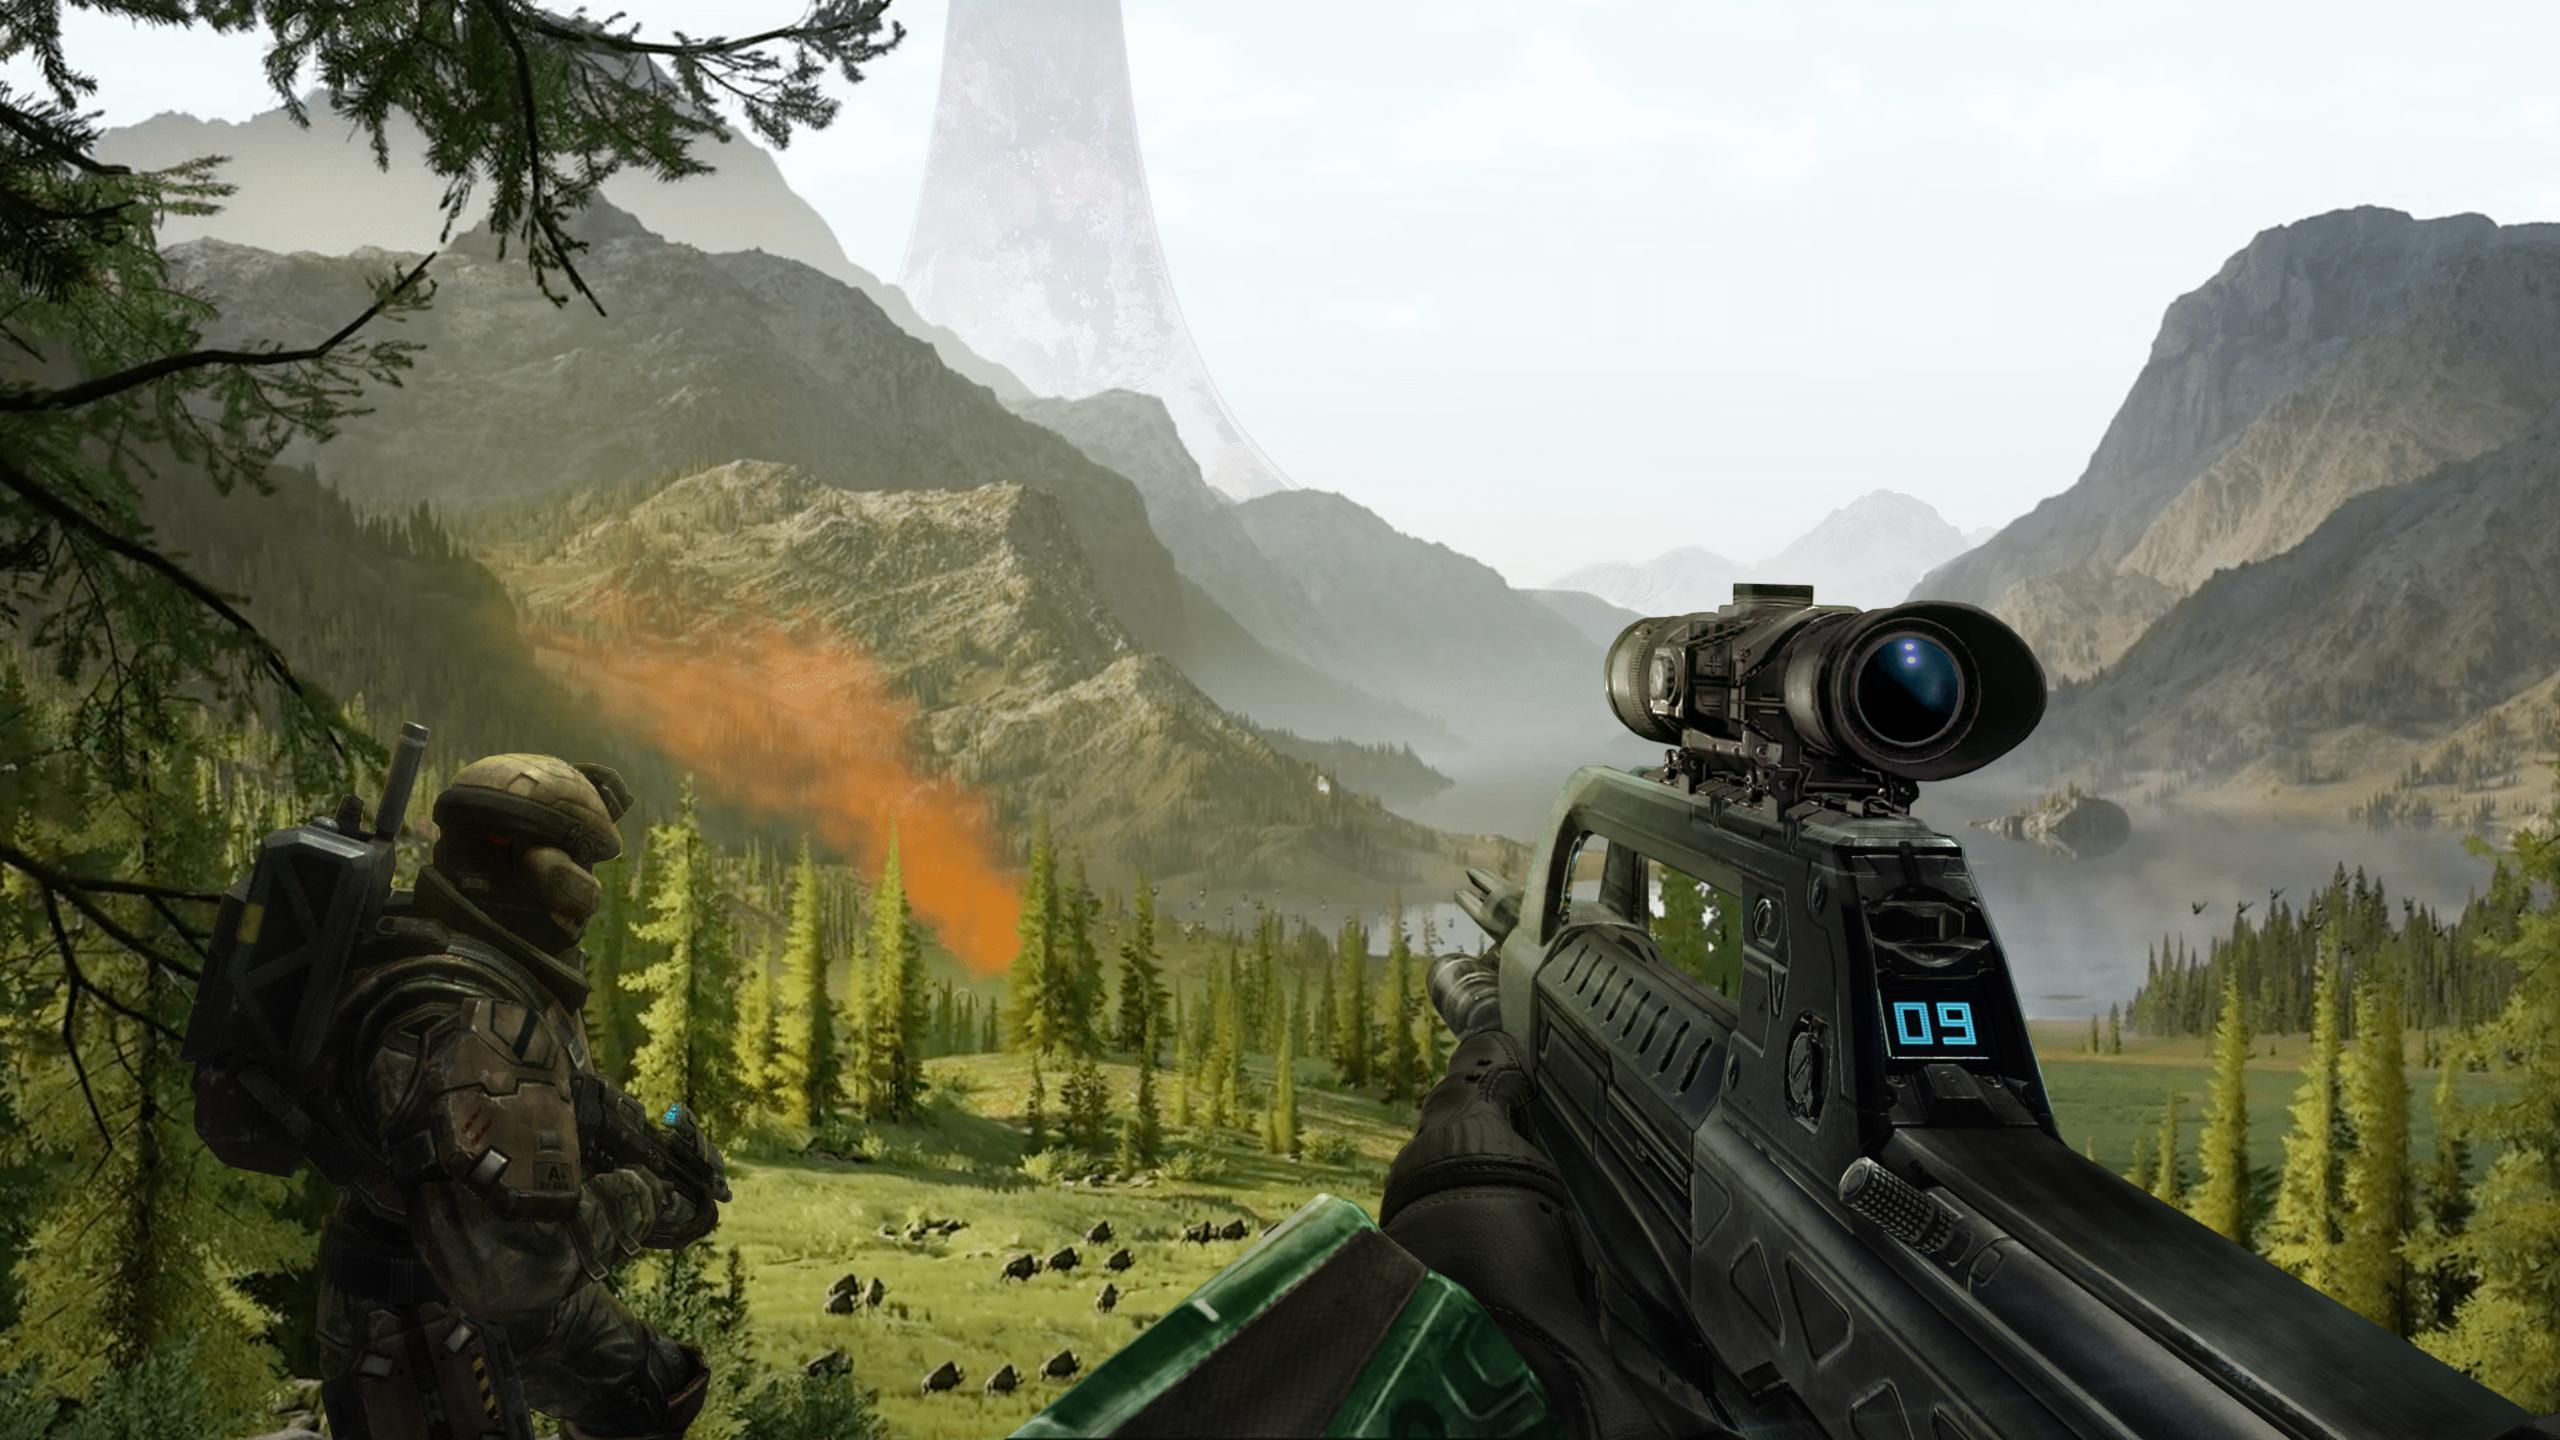 创意无限!《光环:无限》确认将加入Forge地图编辑模式